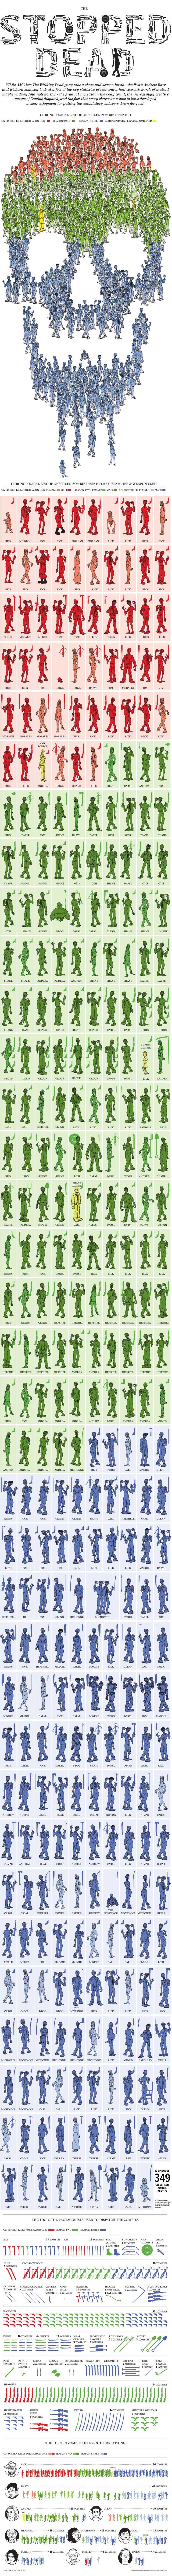 Walking Dead Infographic (On-screen Zombie Kills) #zombie #thewalkingdead